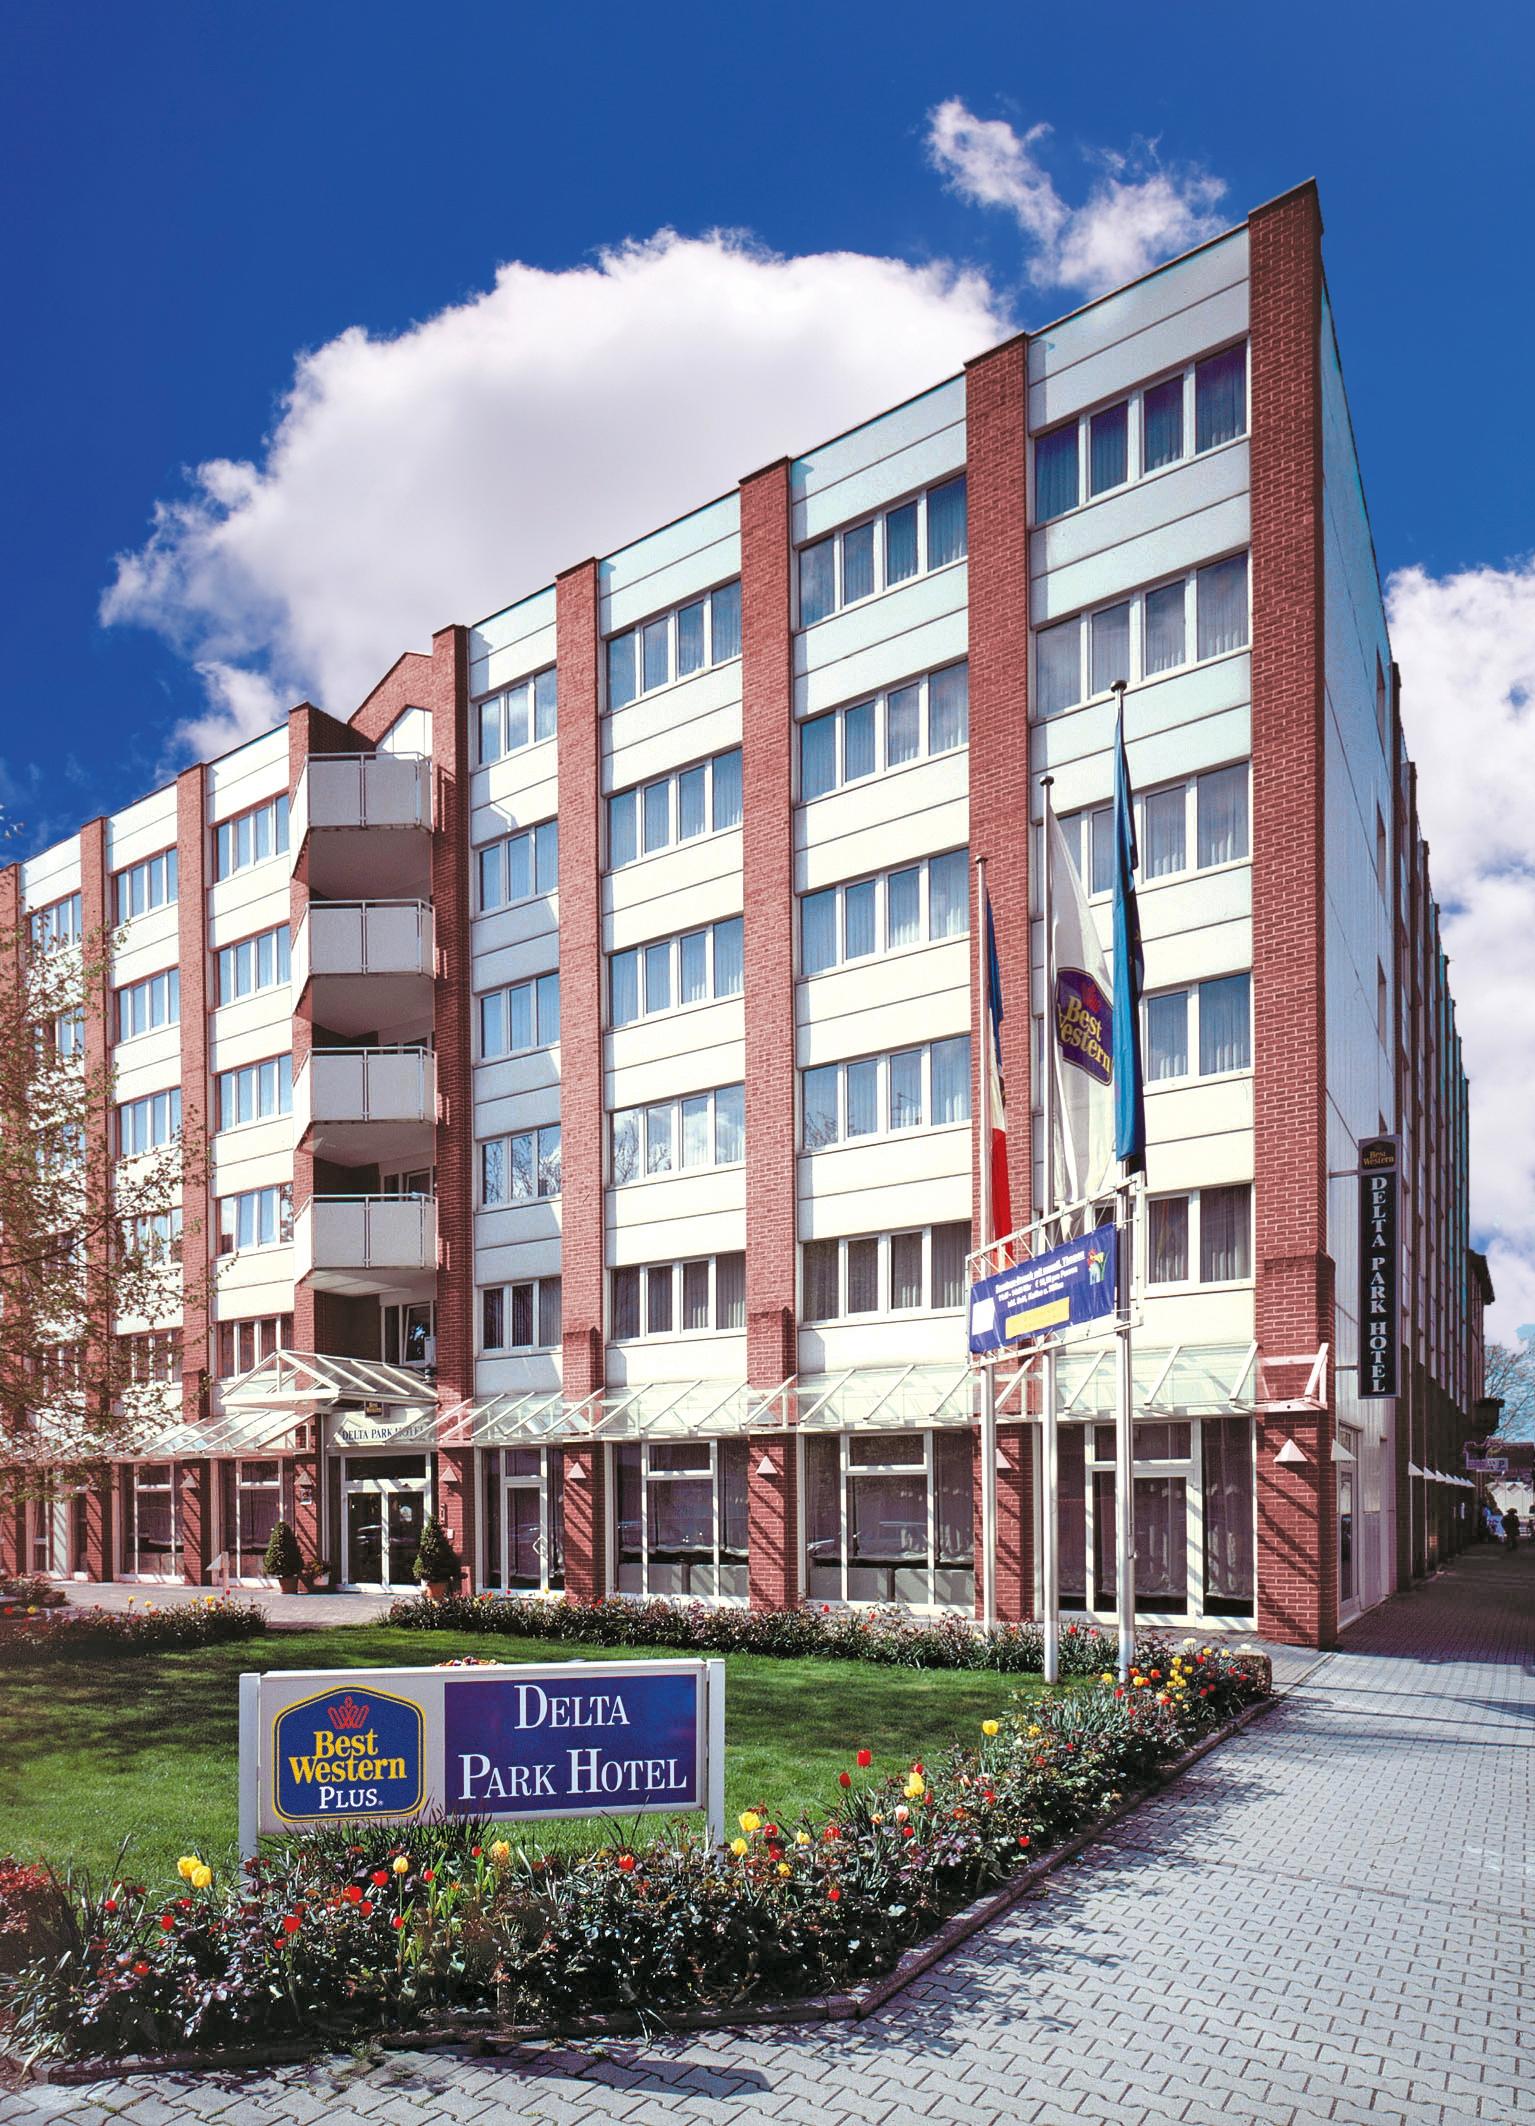 Best western plus delta park hotel hotels hotels for Designhotel mannheim